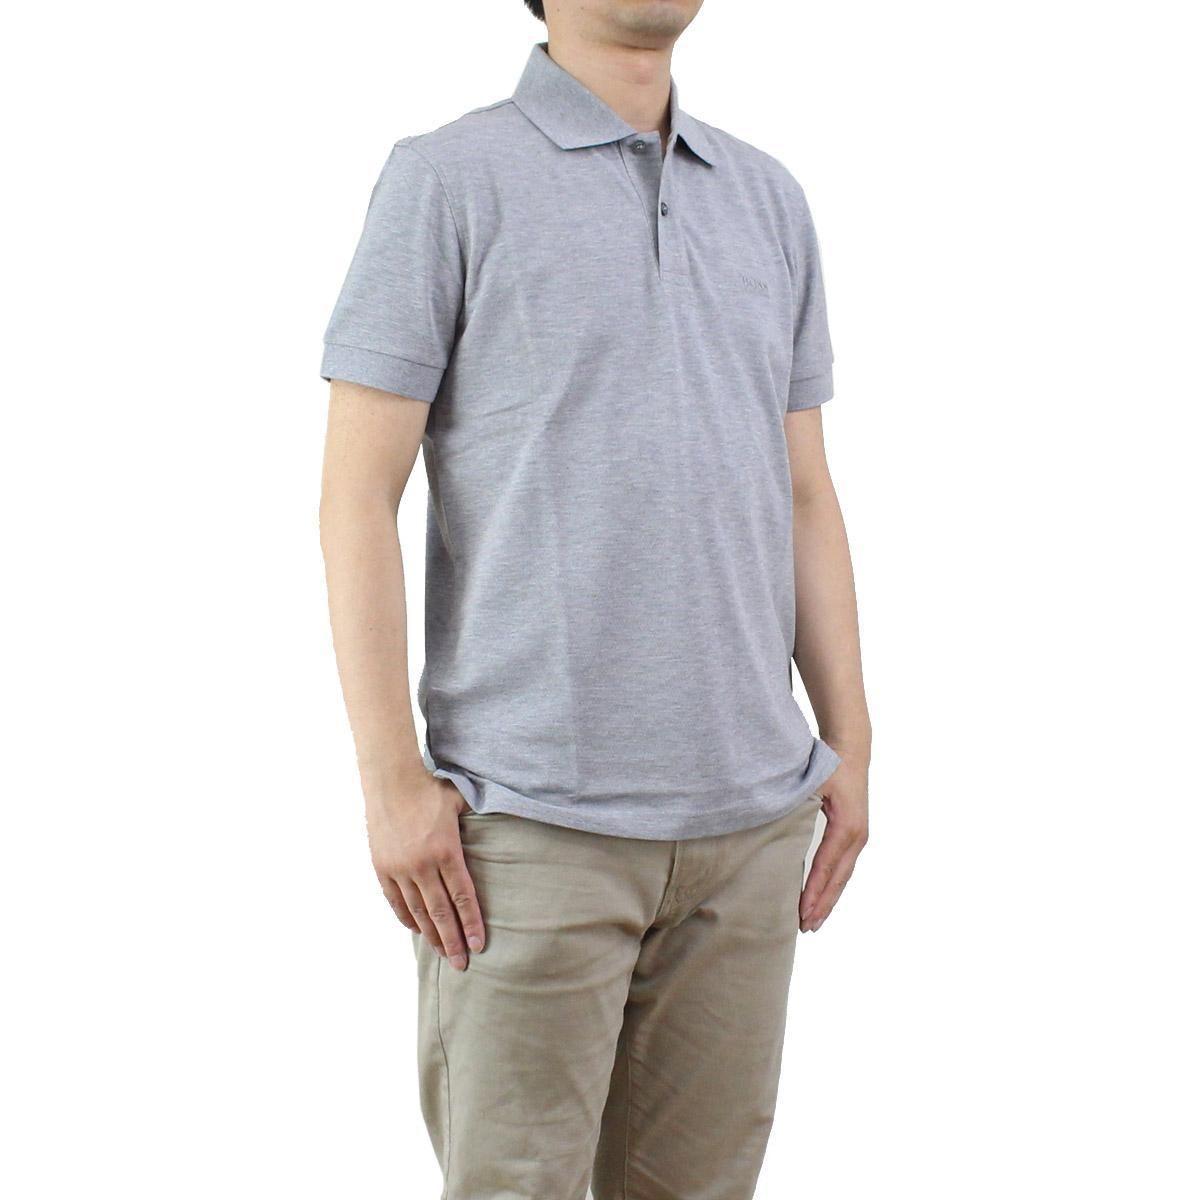 ヒューゴ・ボス(HUGO BOSS) C-FIRENZE/LOGO メンズポロシャツ